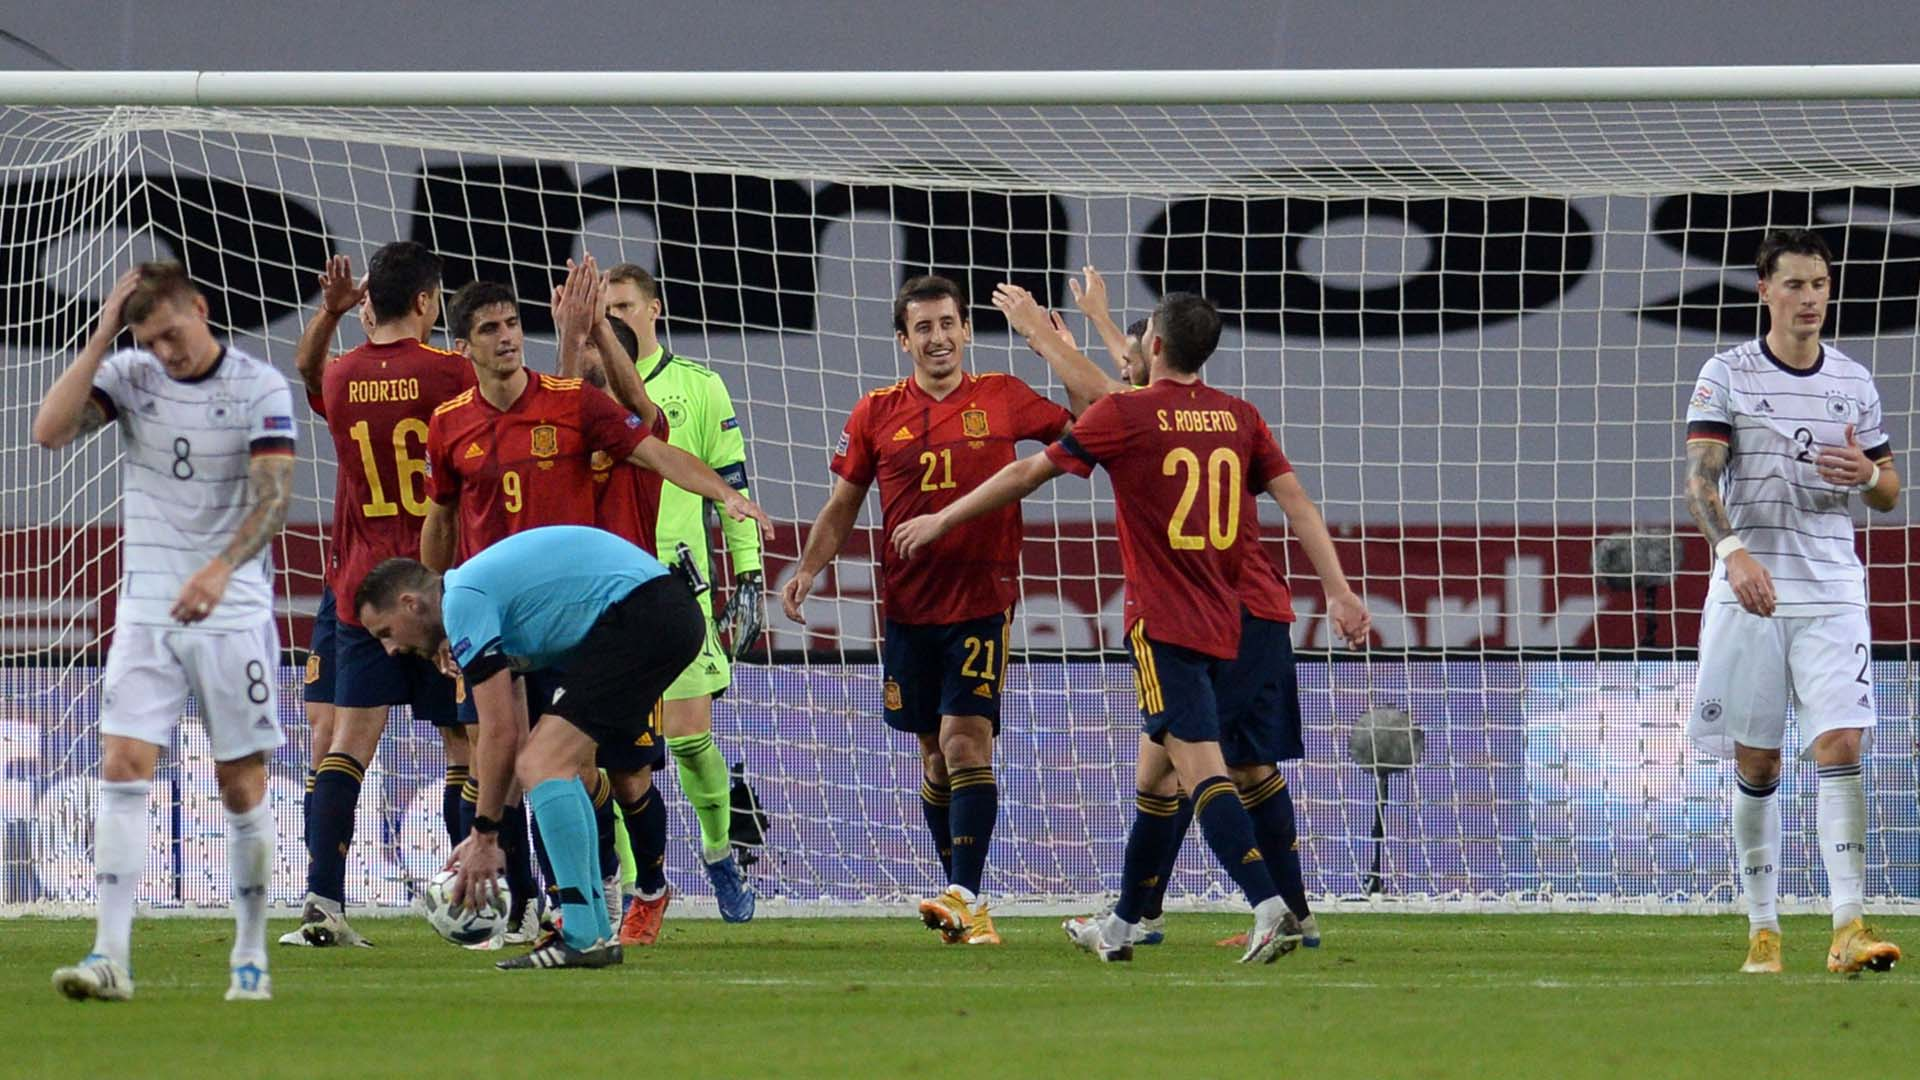 [해외축구] 독일, 89년 만의 굴욕…스페인에 0-6 완패